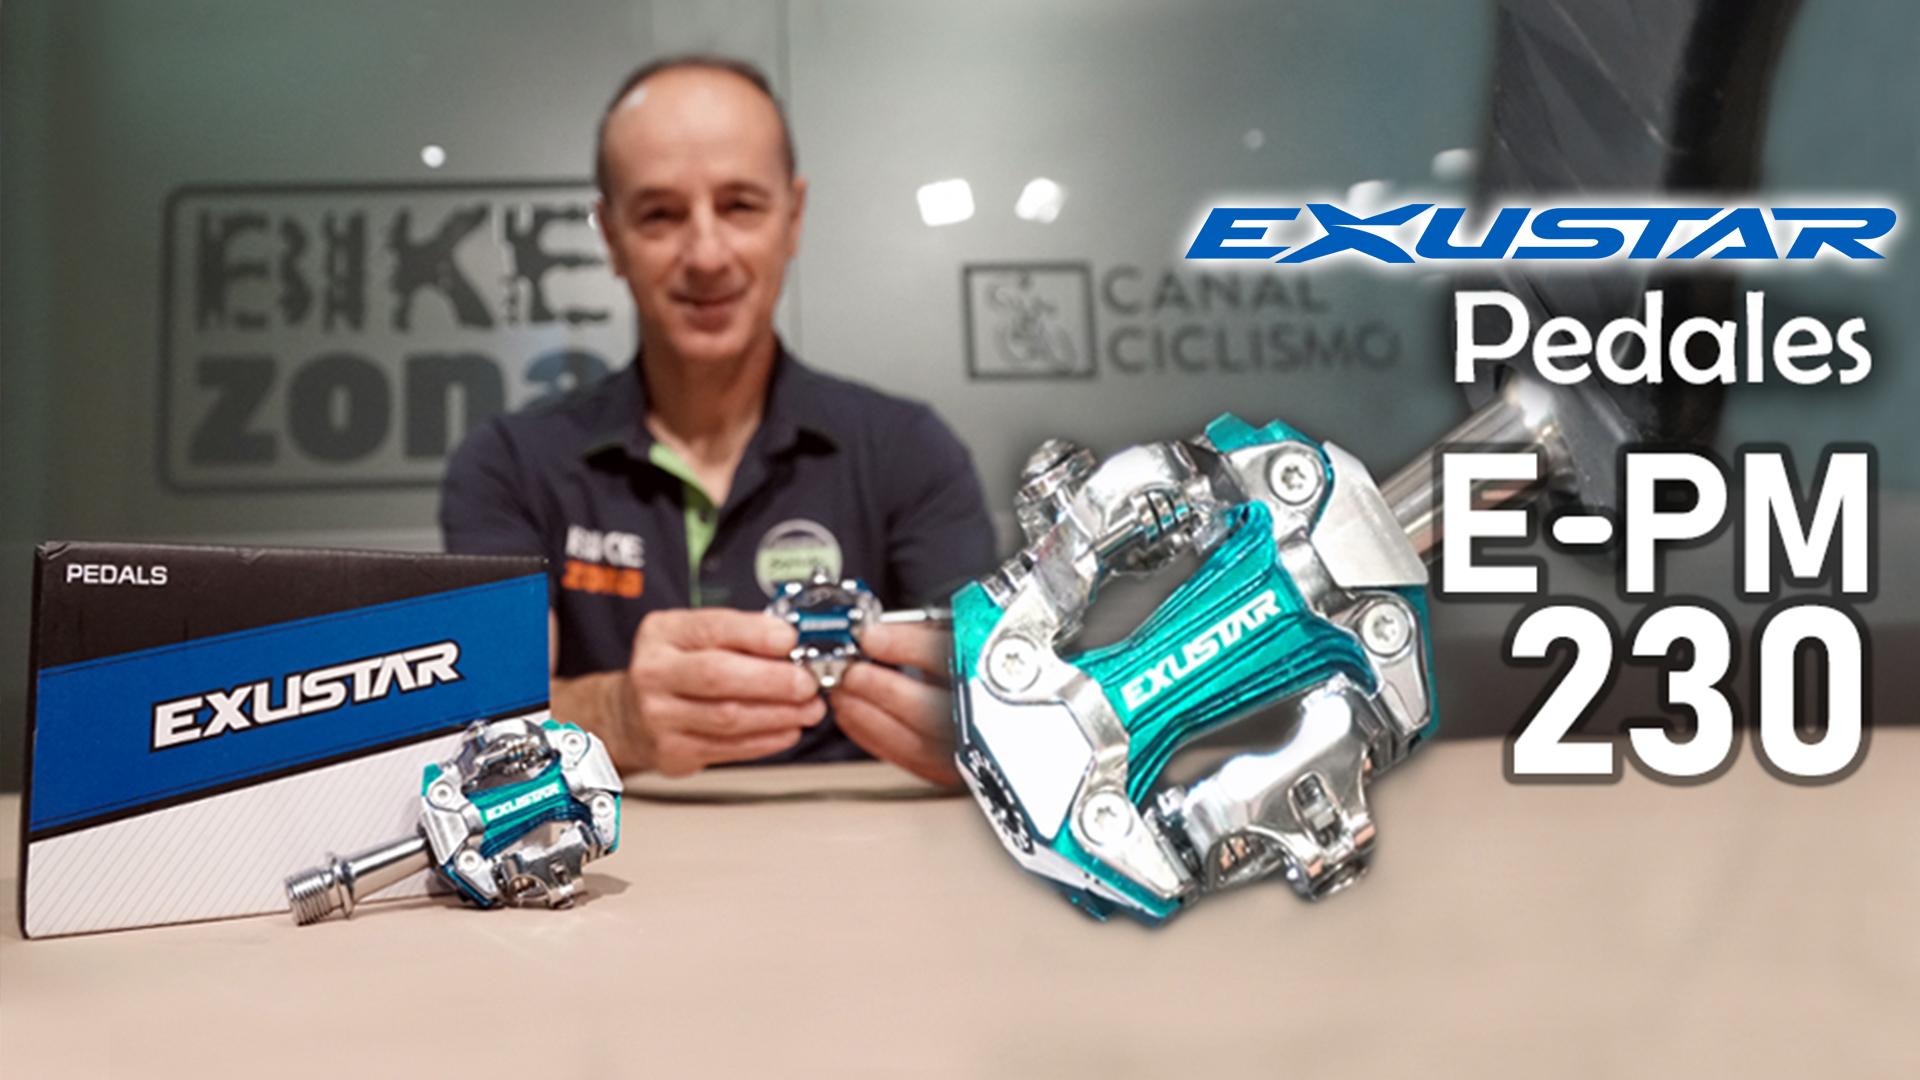 Nuevos pedales Exustar E-PM230